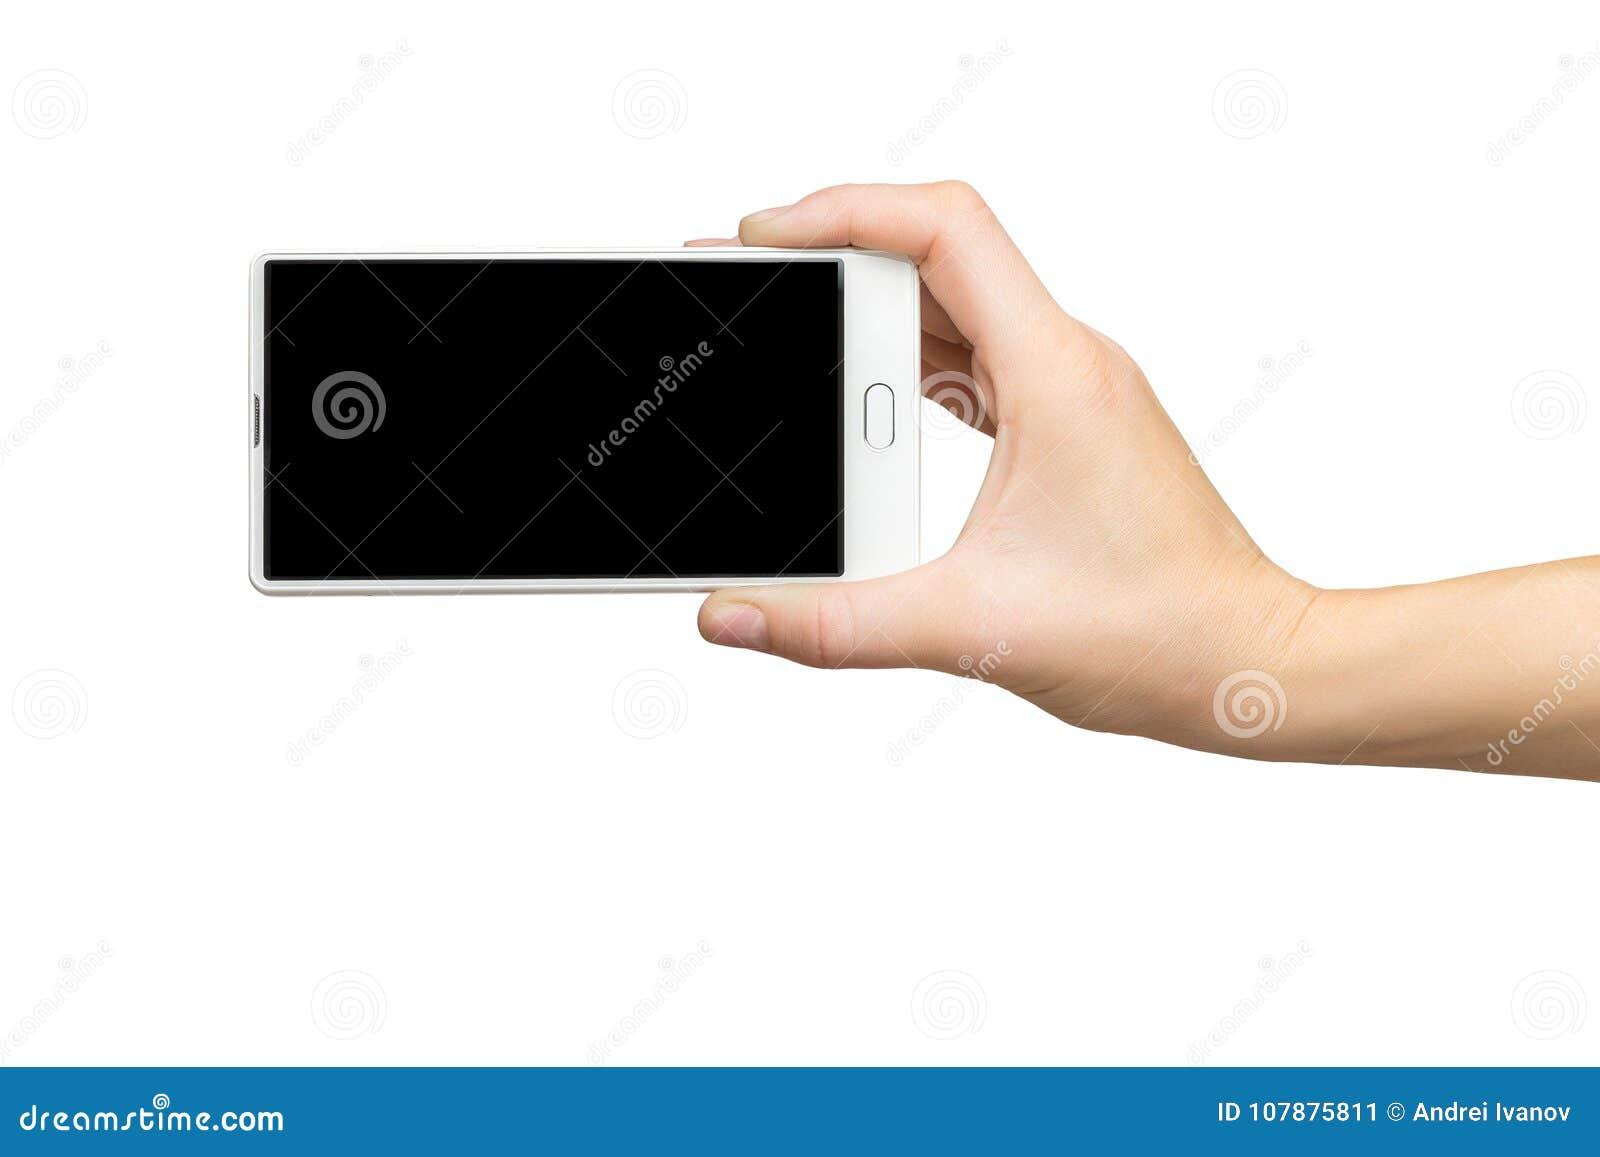 Modell der weiblichen Hand frameless Handy mit schwarzem Schirm halten